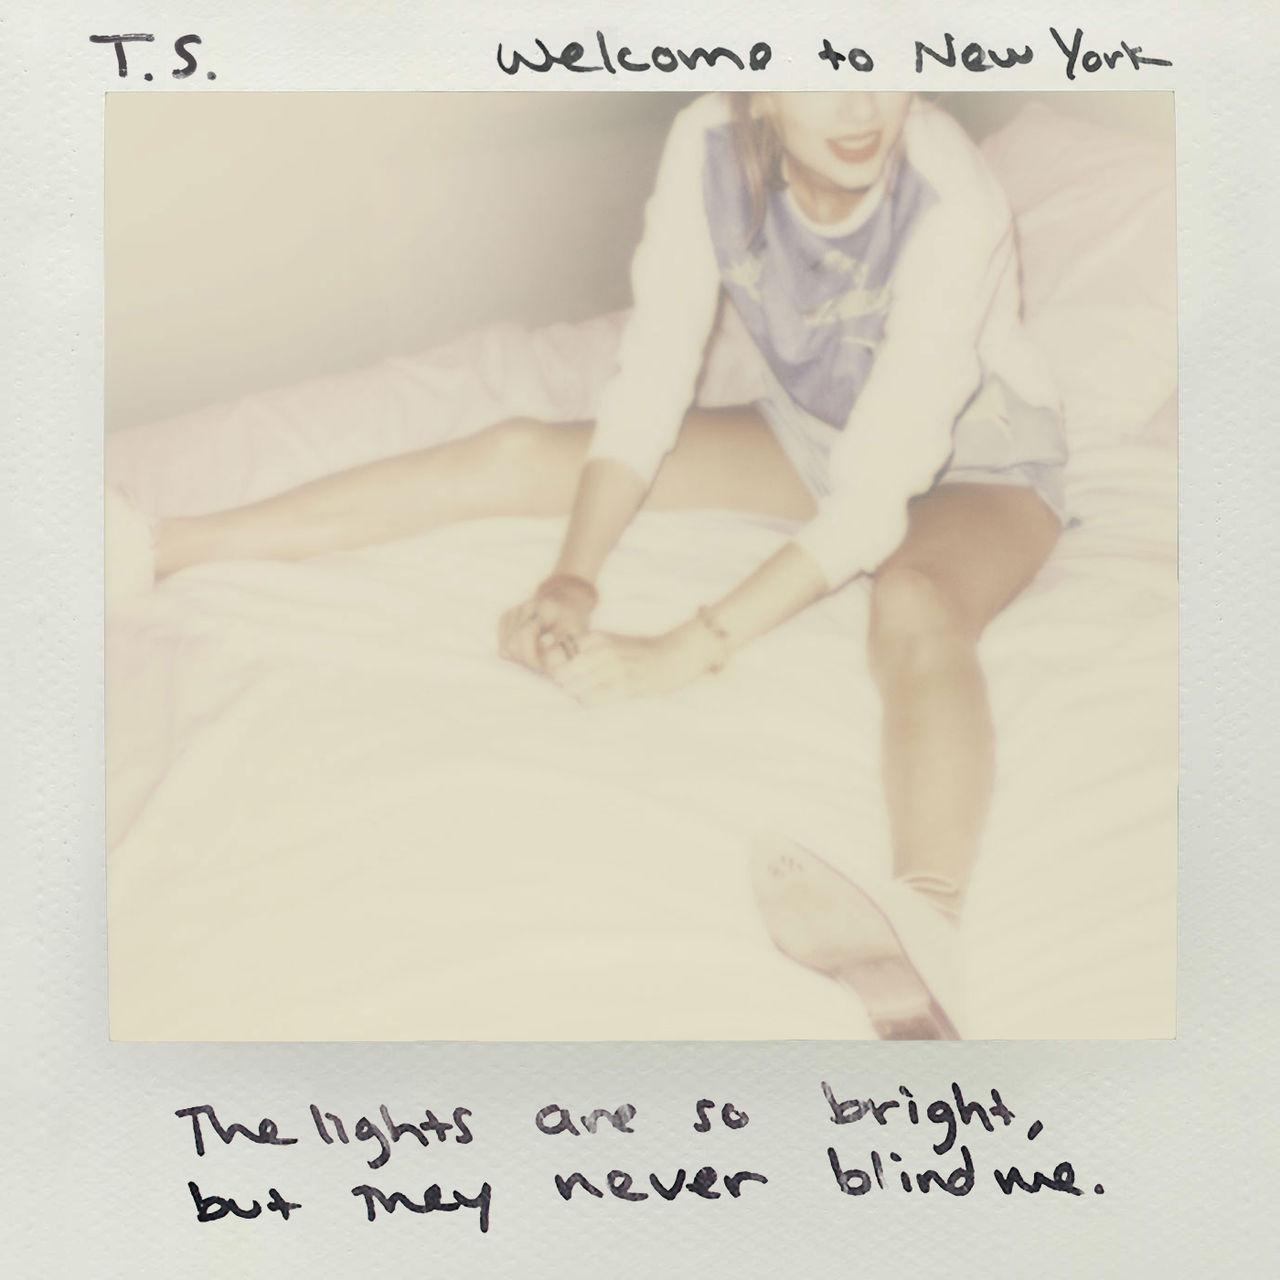 Juego » El Gran Ranking de Taylor Swift [TOP 3 pág 6] - Página 4 Welcome_To_New_York